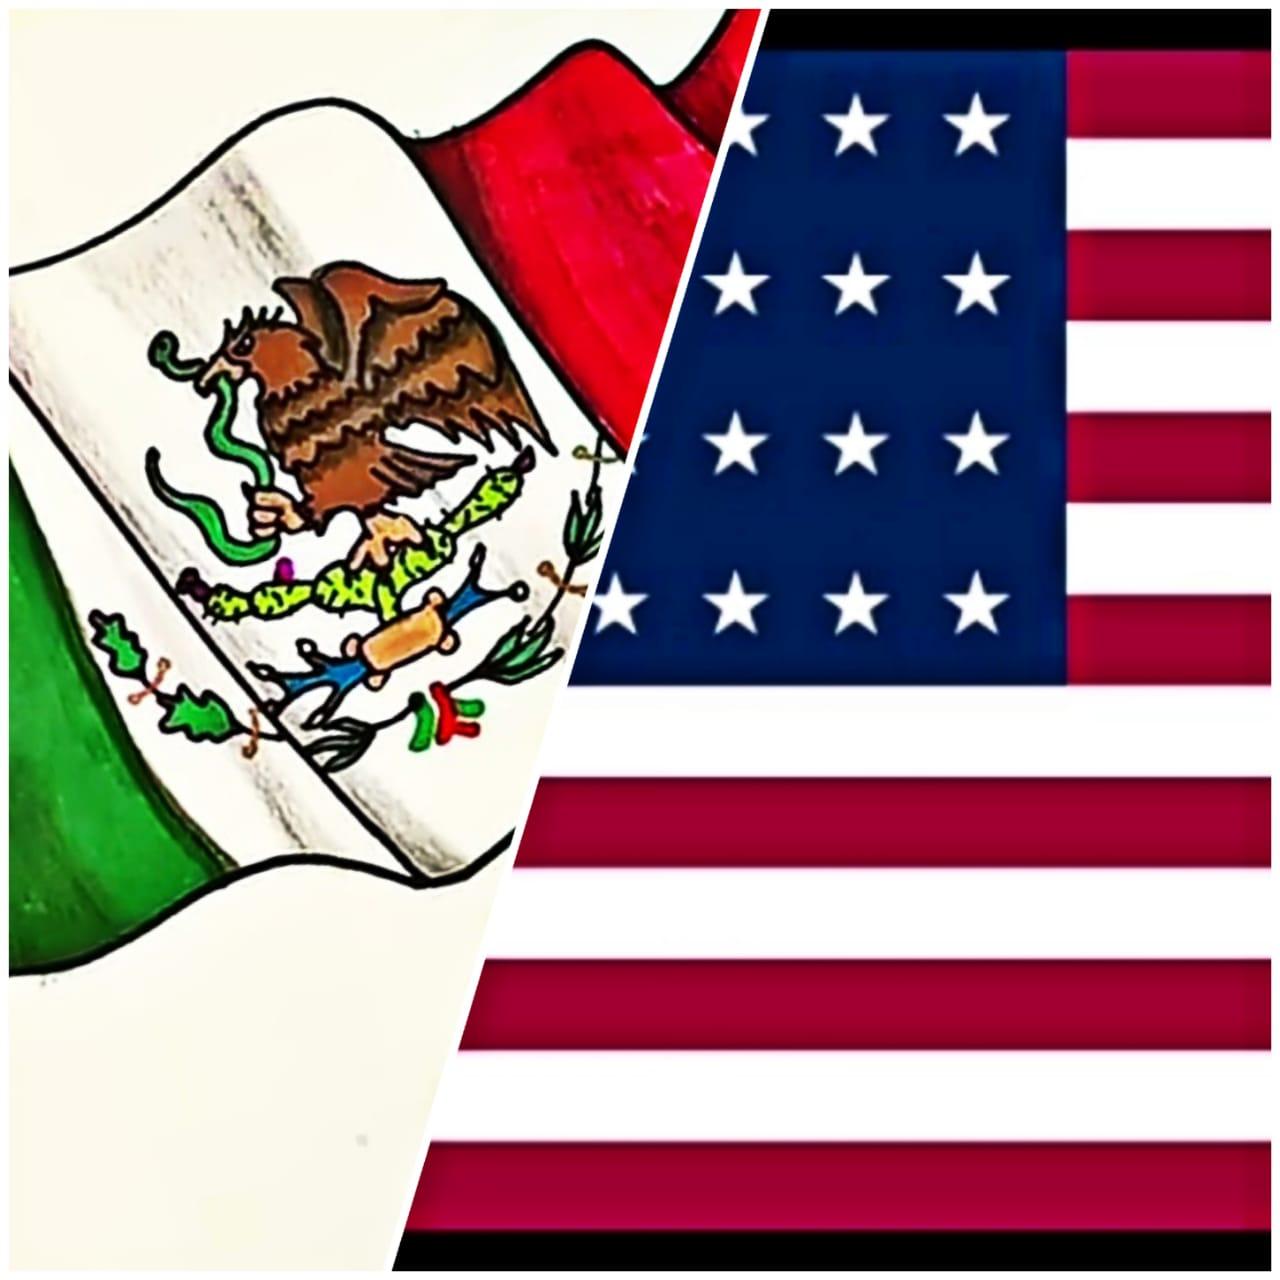 Estados Unidos envía consejero a México para abordar el pago de agua y la migración